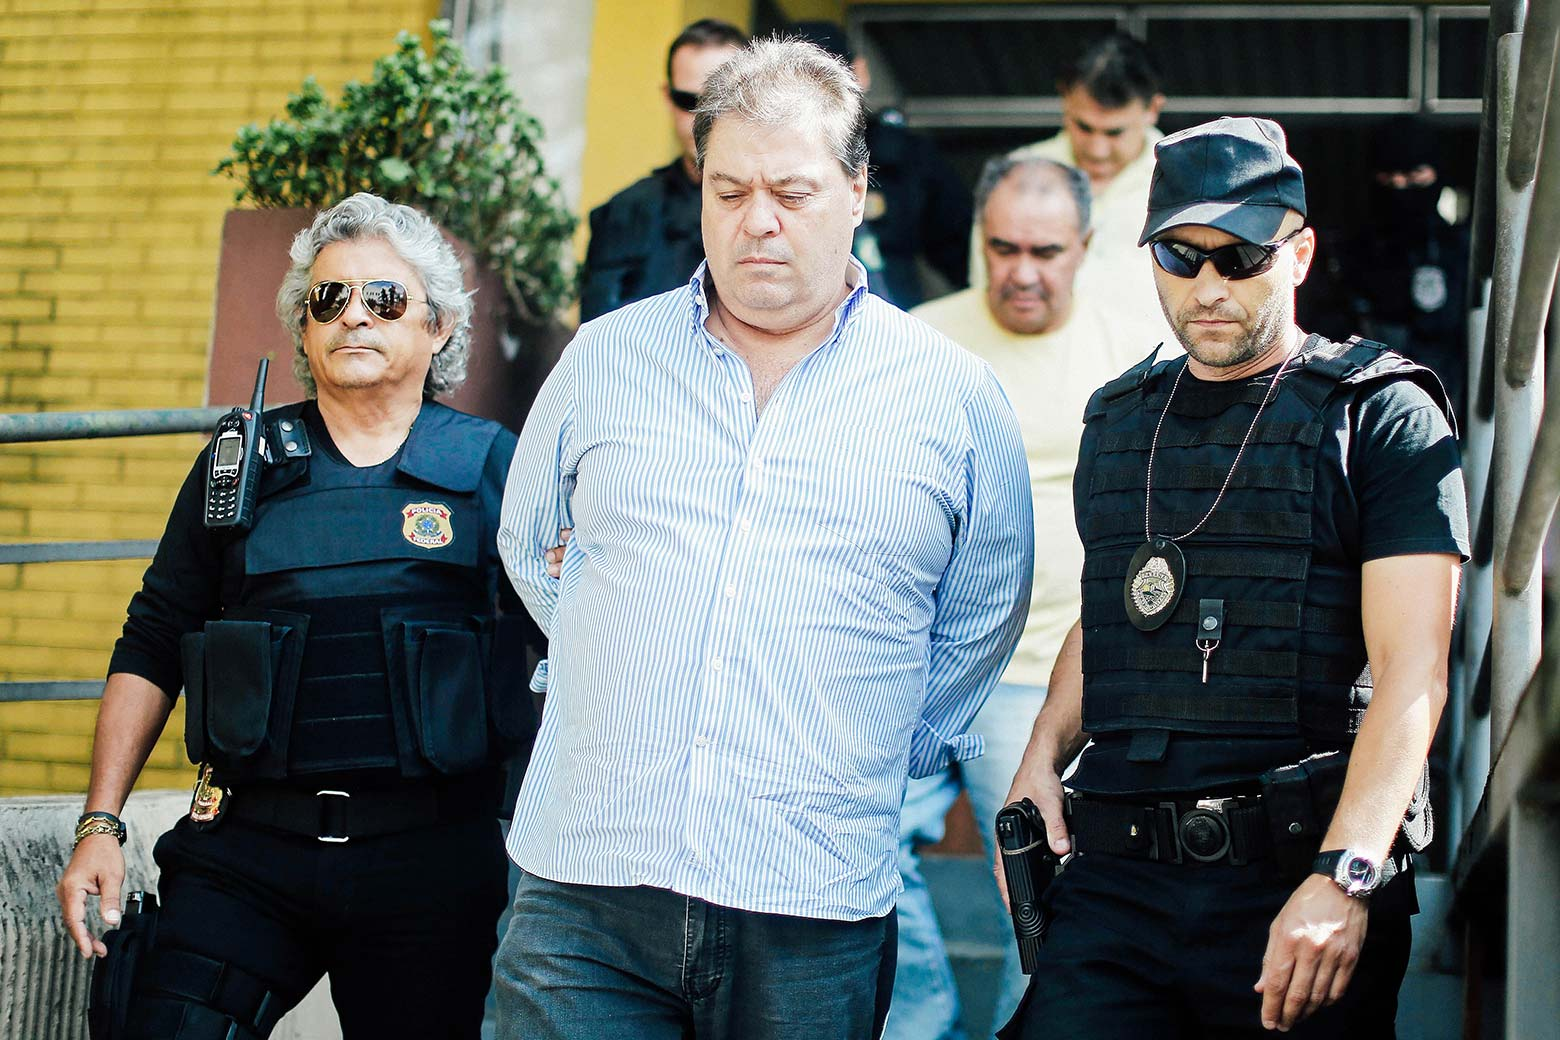 Former Sen. Gim Argello is escorted.